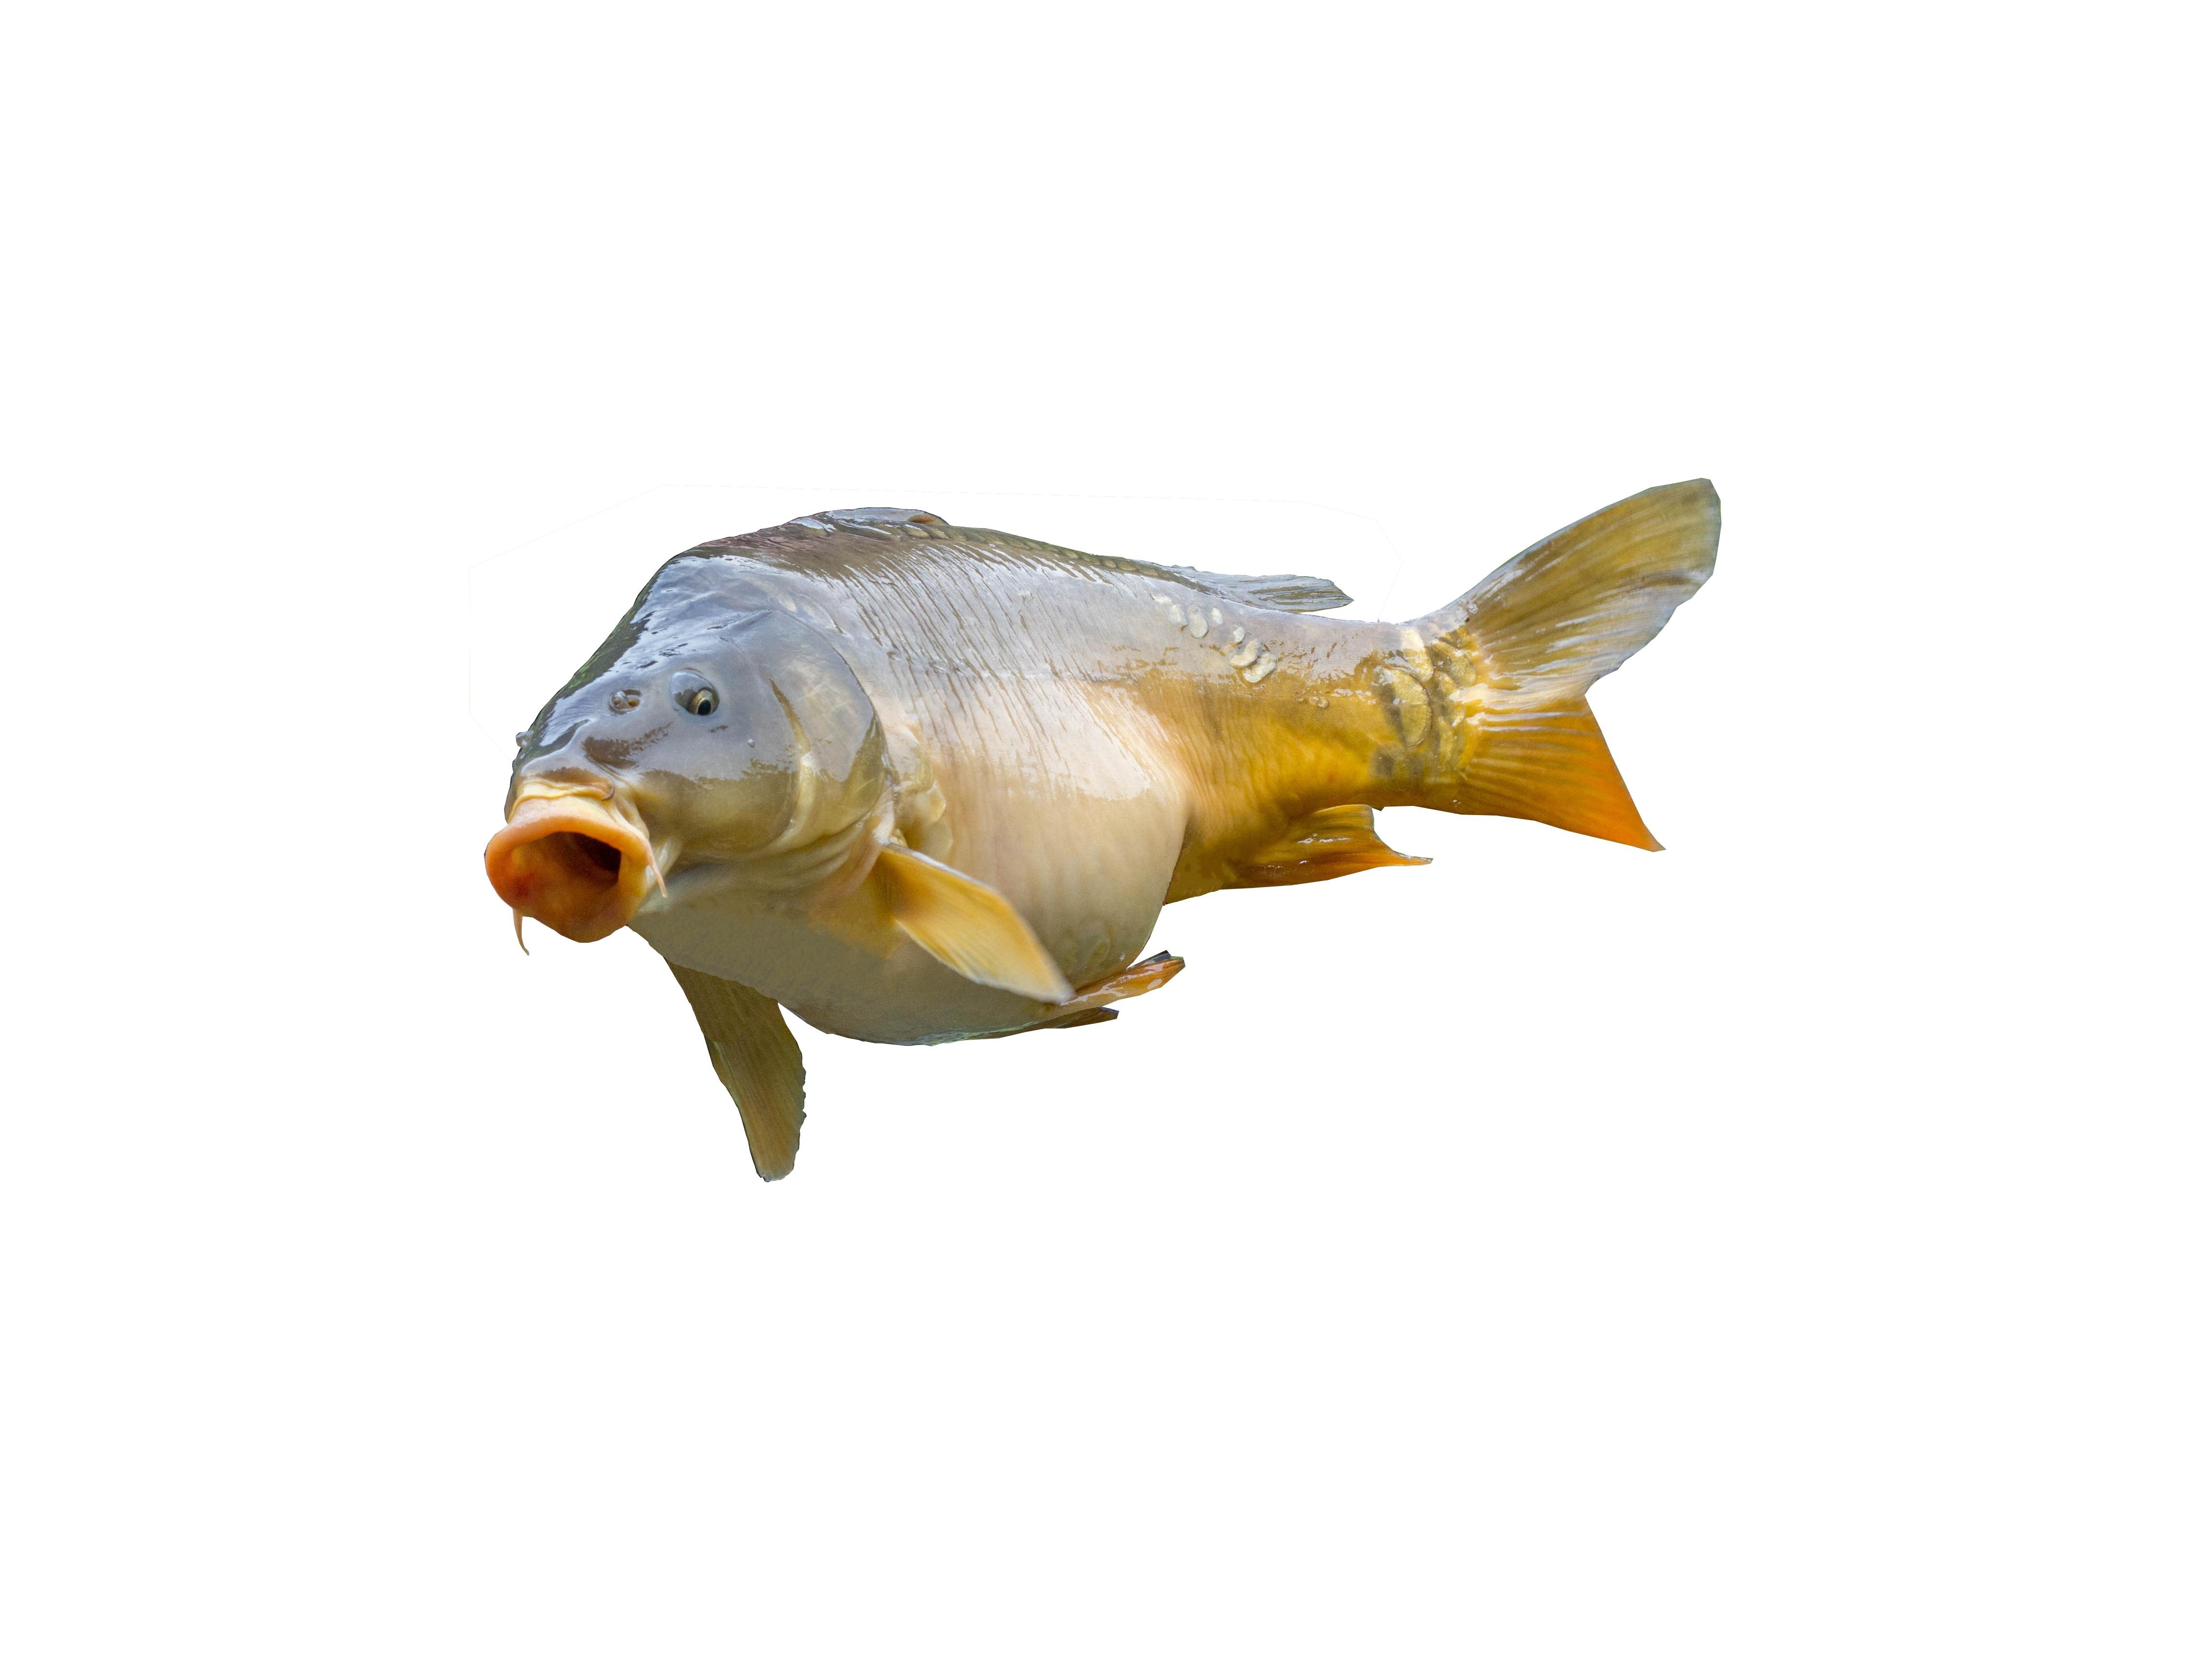 Fotos gratis lago comida pescar perca pescado for Carpa comida